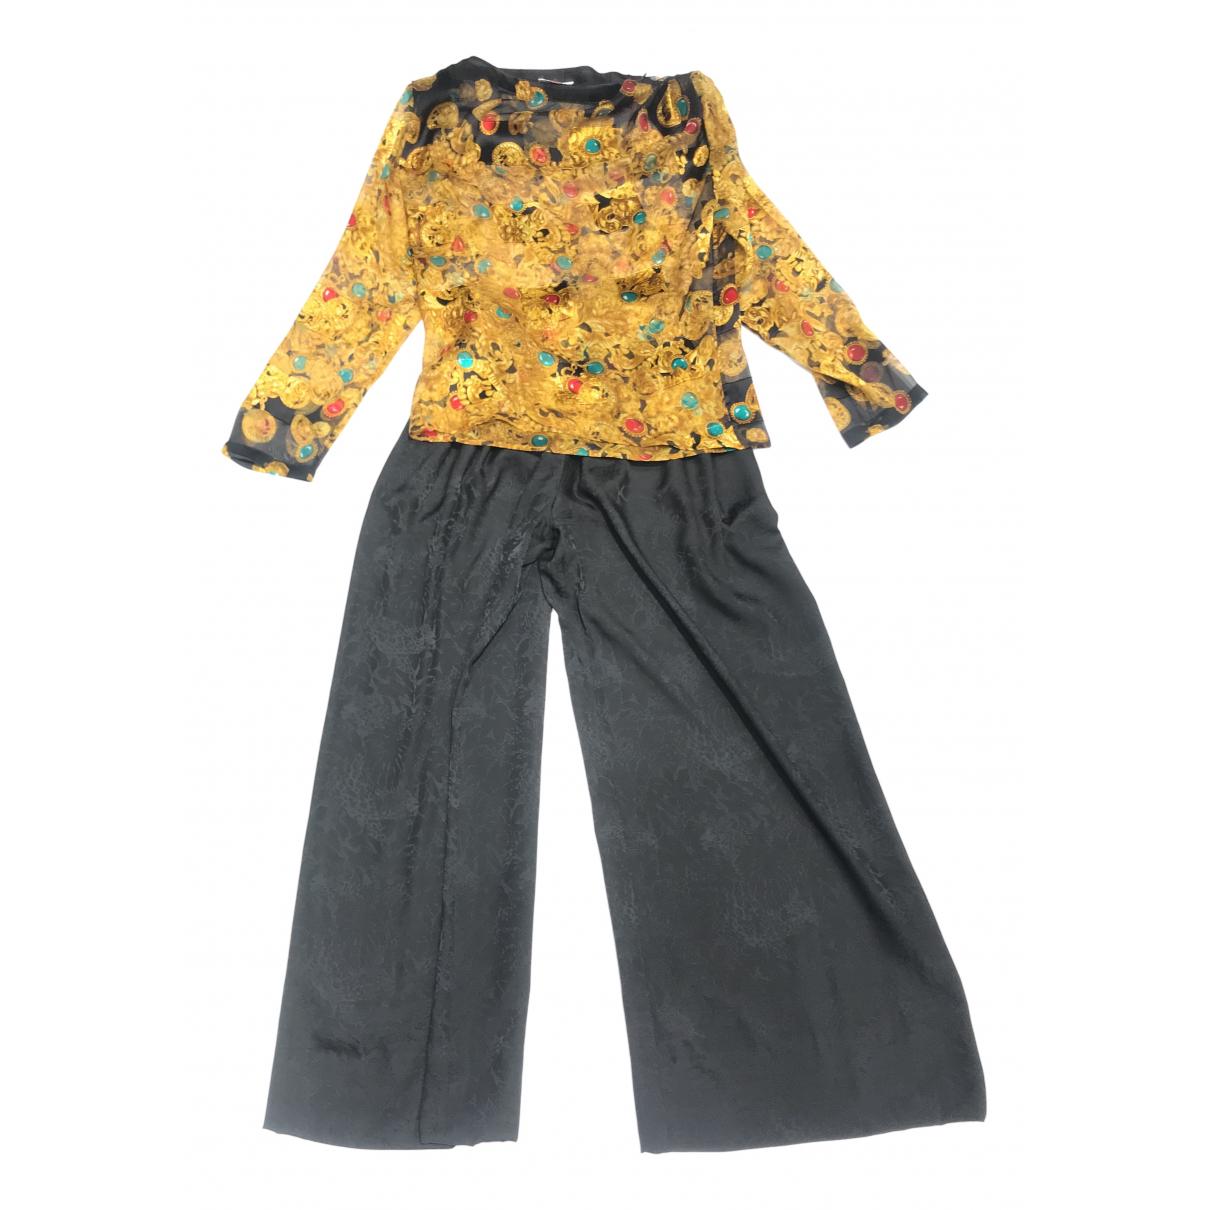 Yves Saint Laurent - Combinaison   pour femme en soie